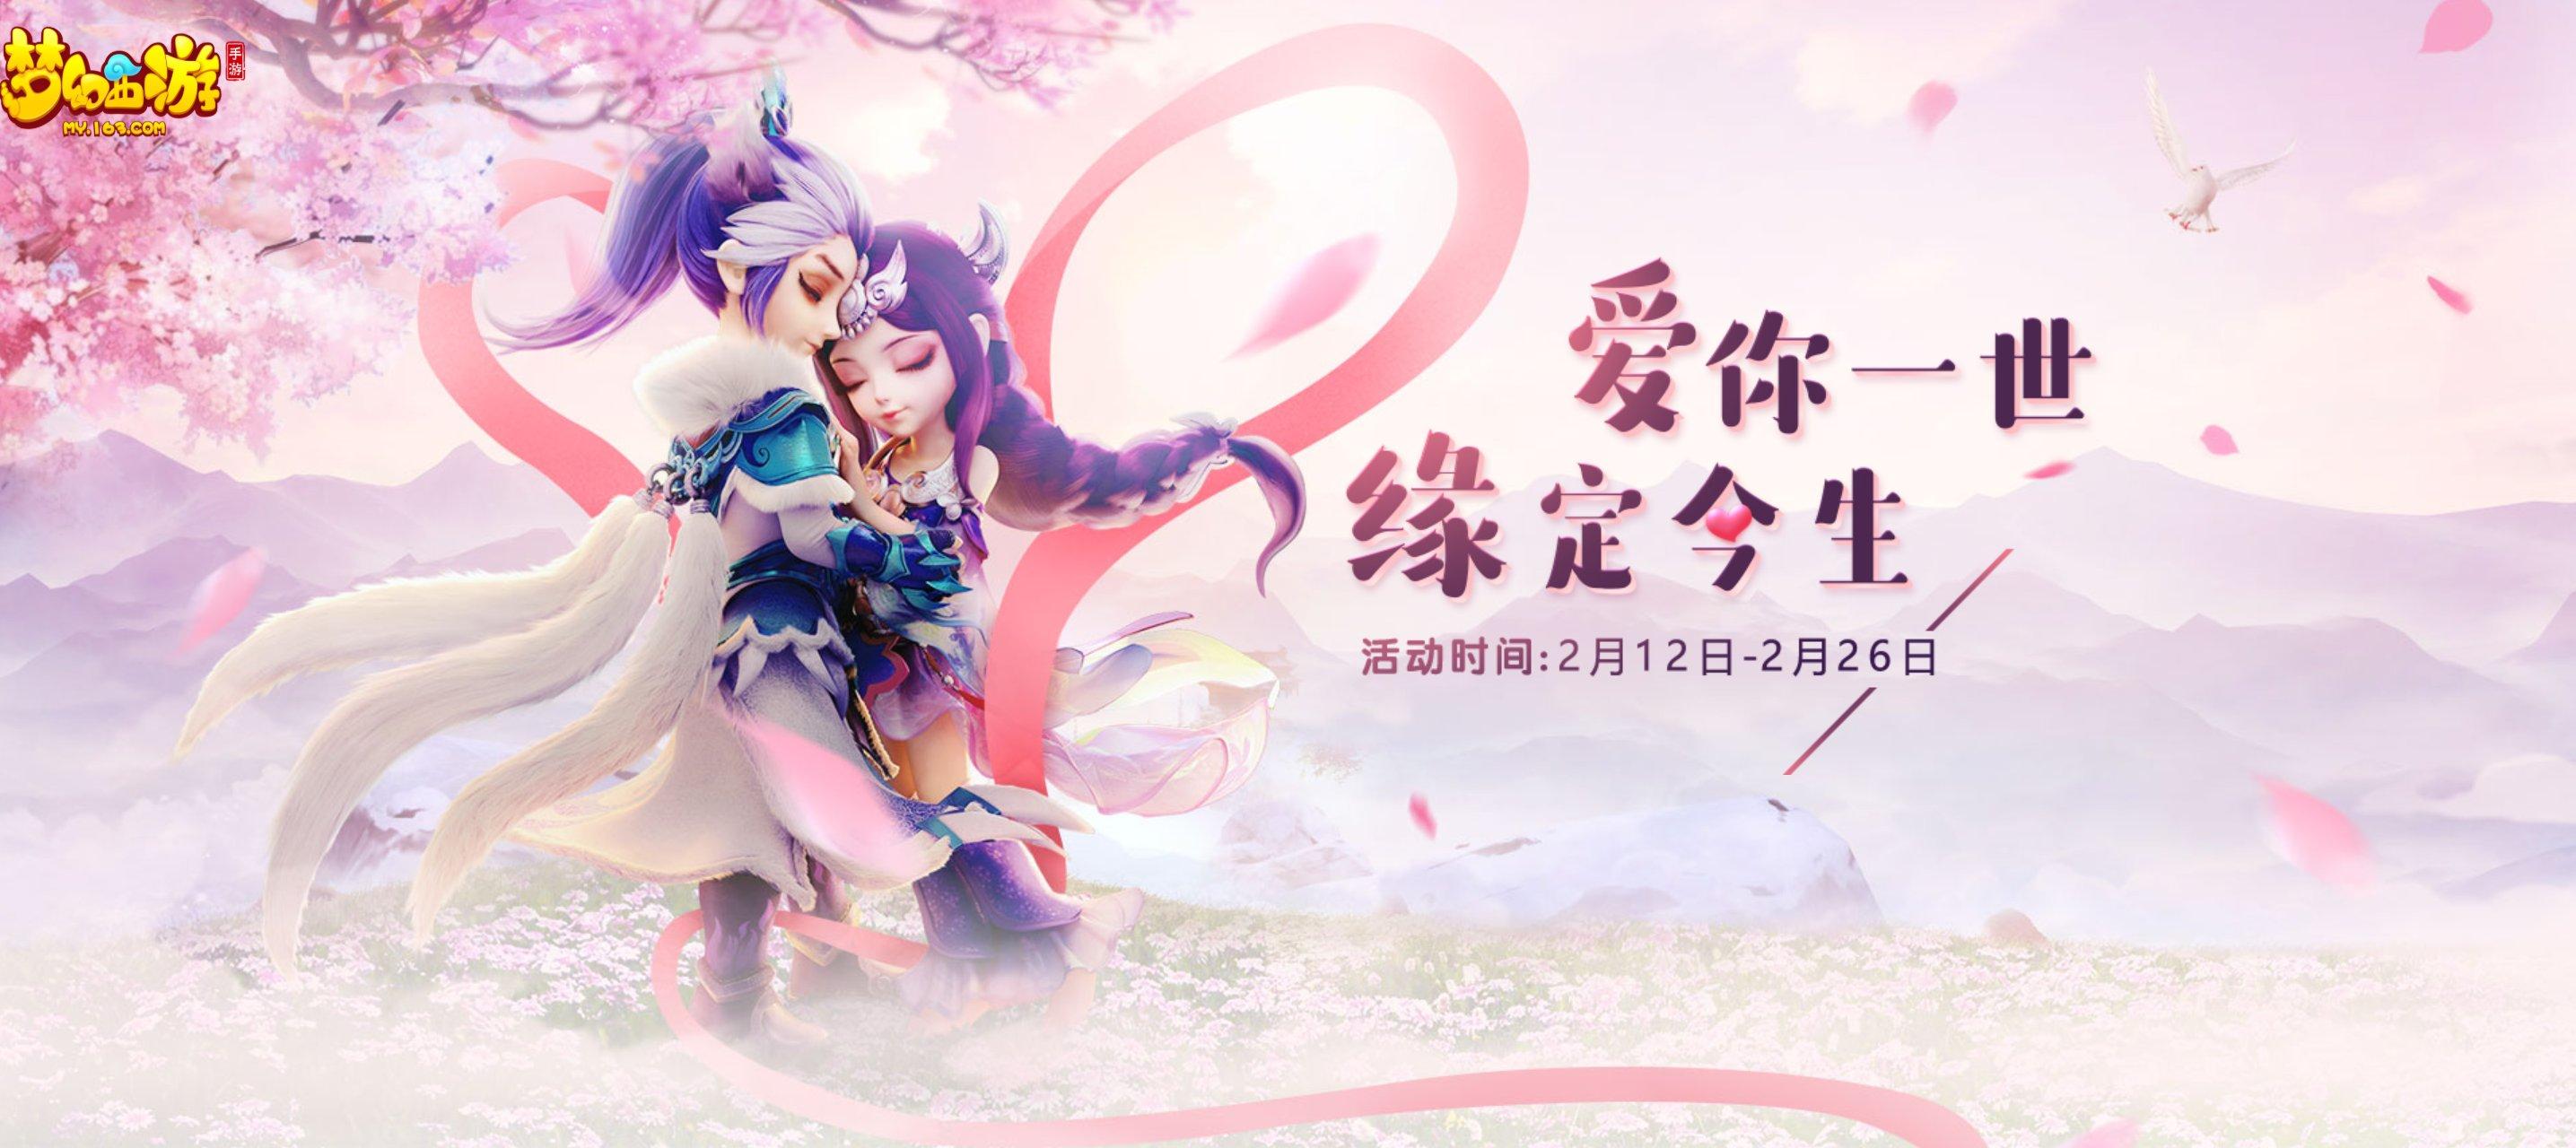 浪漫相约,《梦幻西游》手游情人节活动甜蜜来袭!